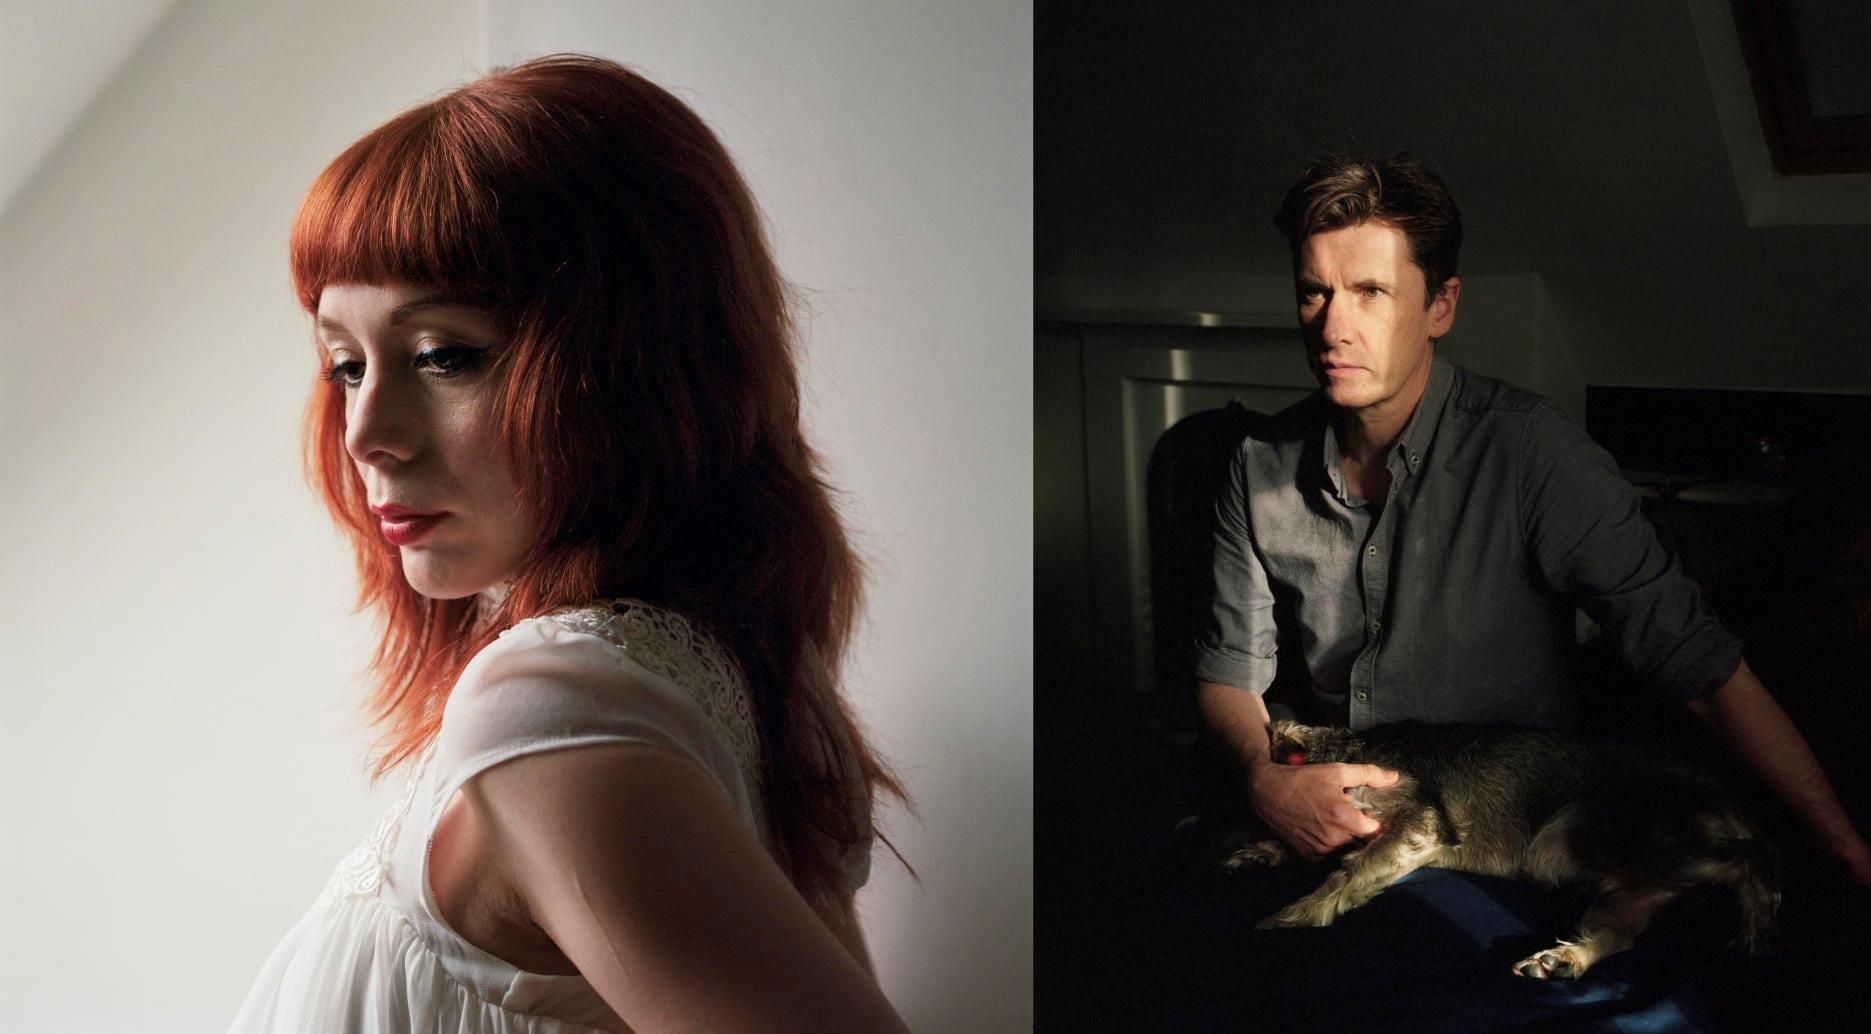 Bernard Butler and Anchoress Collaboration Album Due Out Next Week